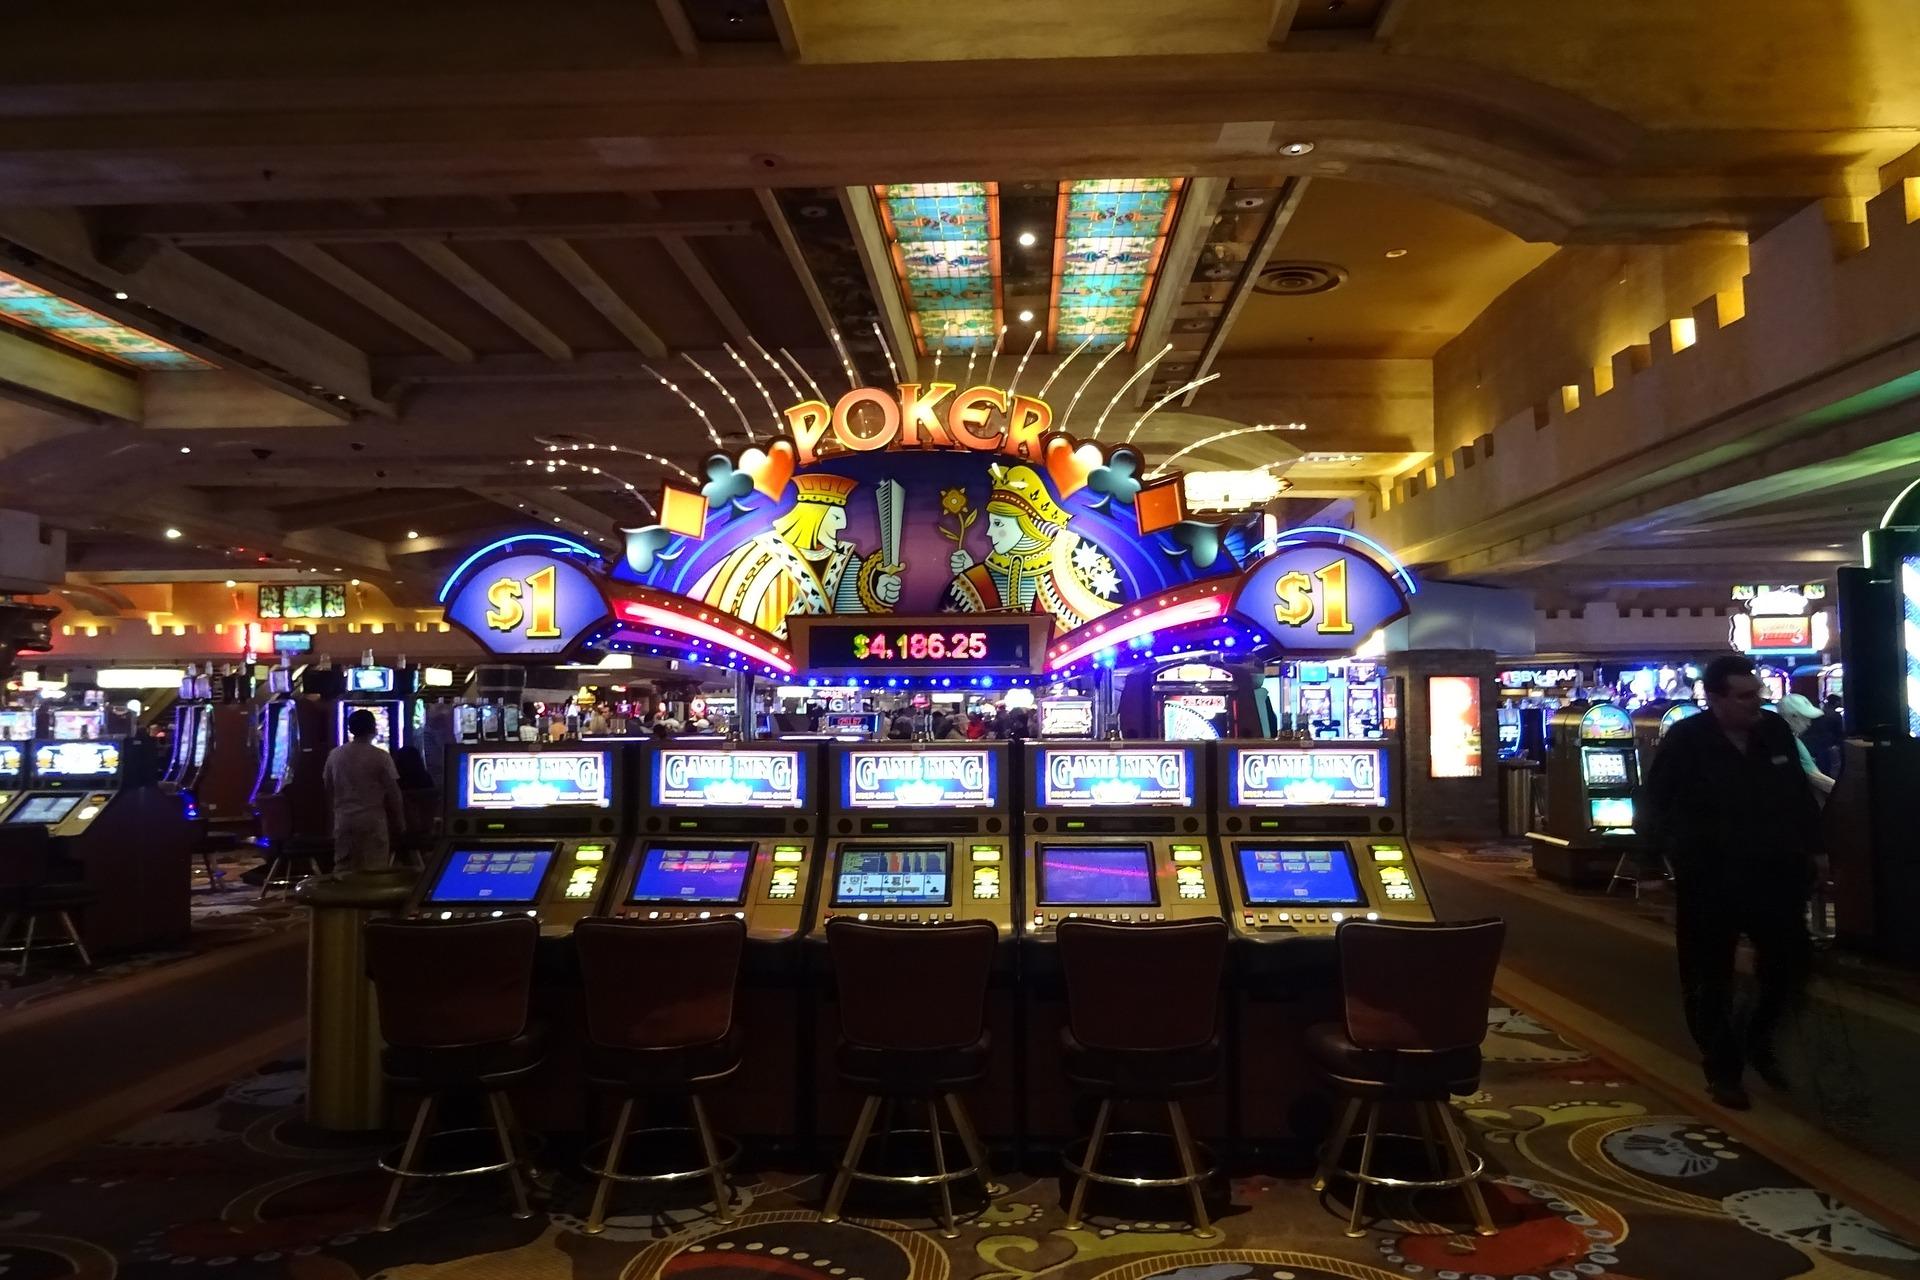 Boulevard casino slot machines www easy casino